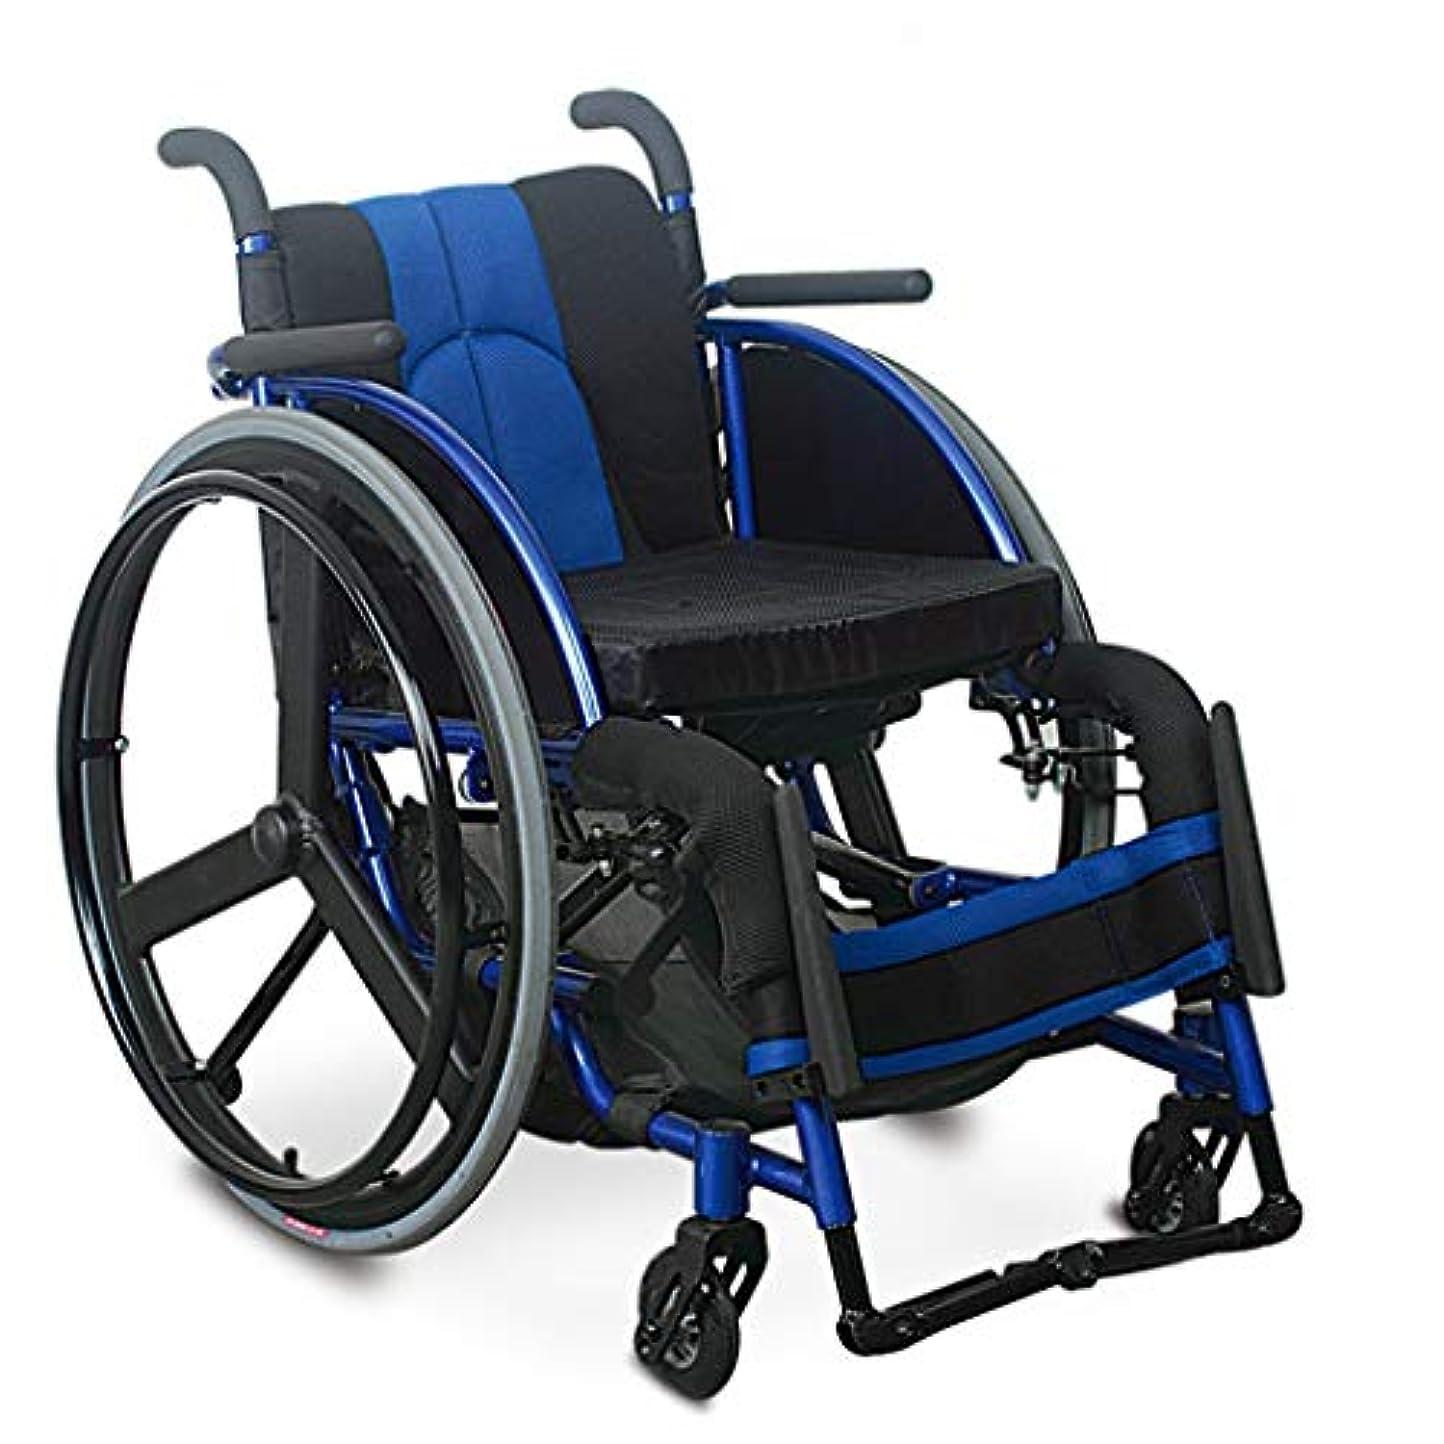 粗い税金タイト車椅子折りたたみ、PUミリオンフロントホイール、高齢者障害者用車椅子トロリー